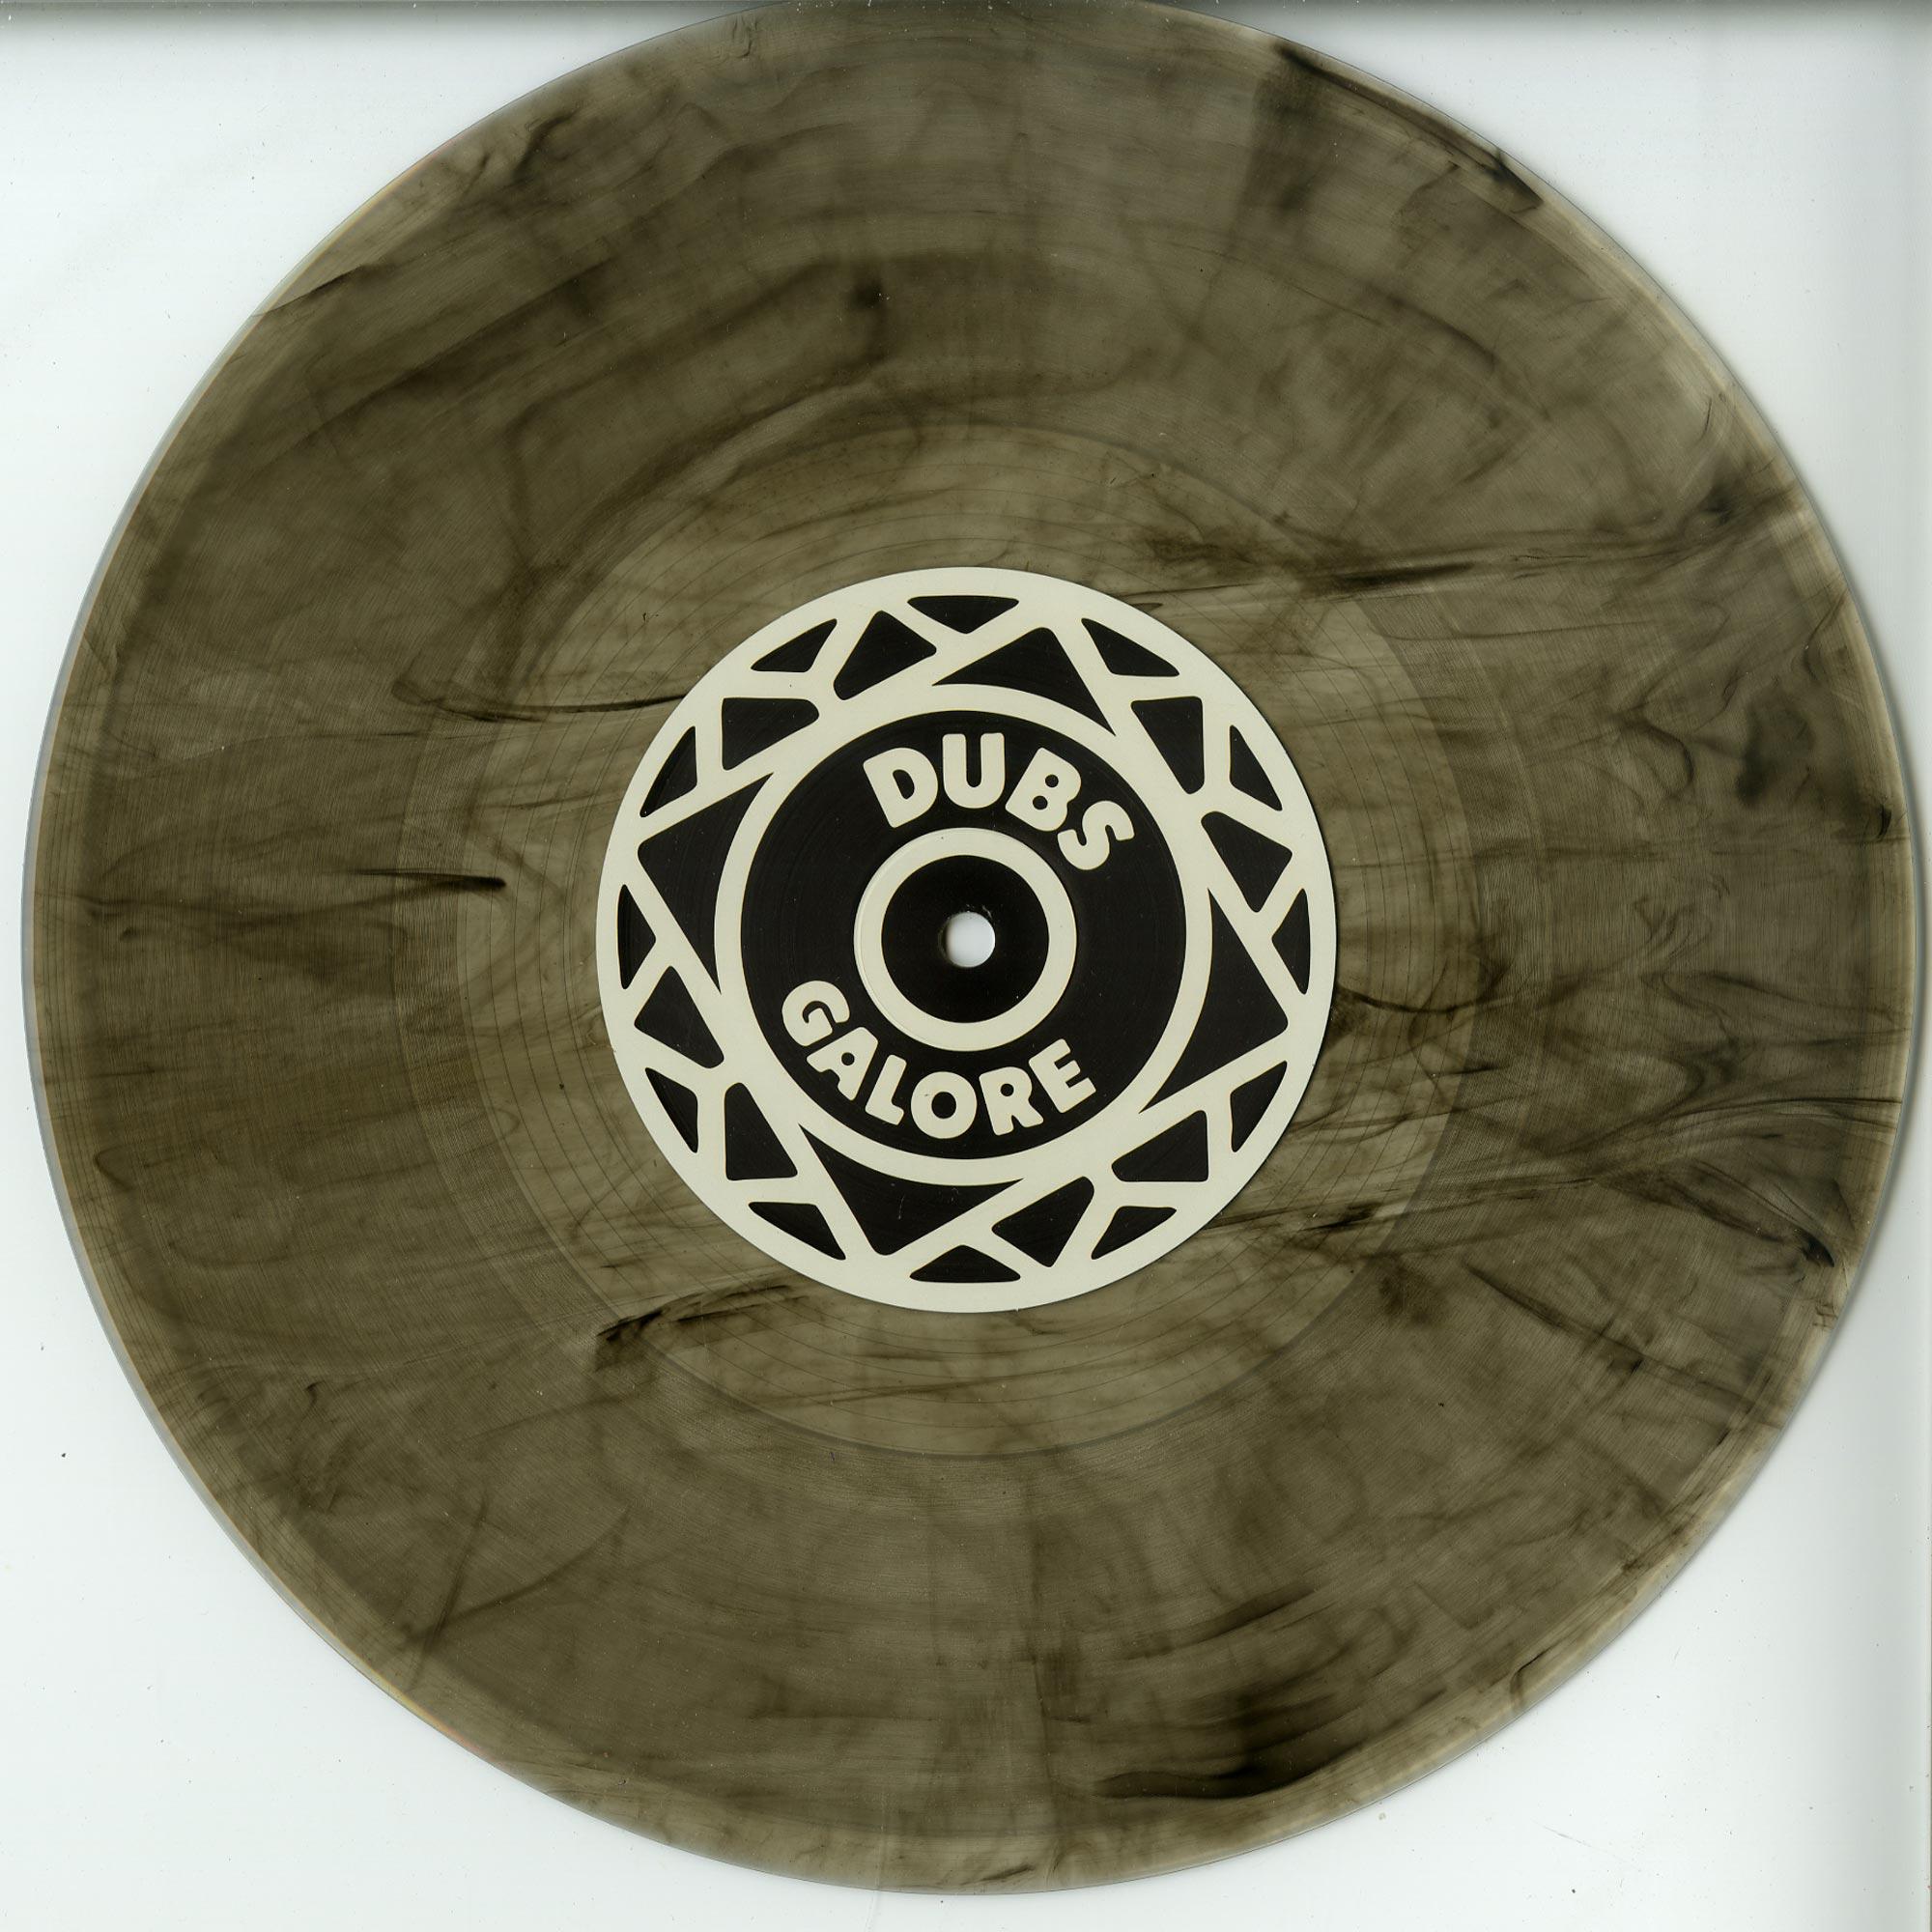 Von D ft. Rider Shafique - DUBS GALORE REMIXES